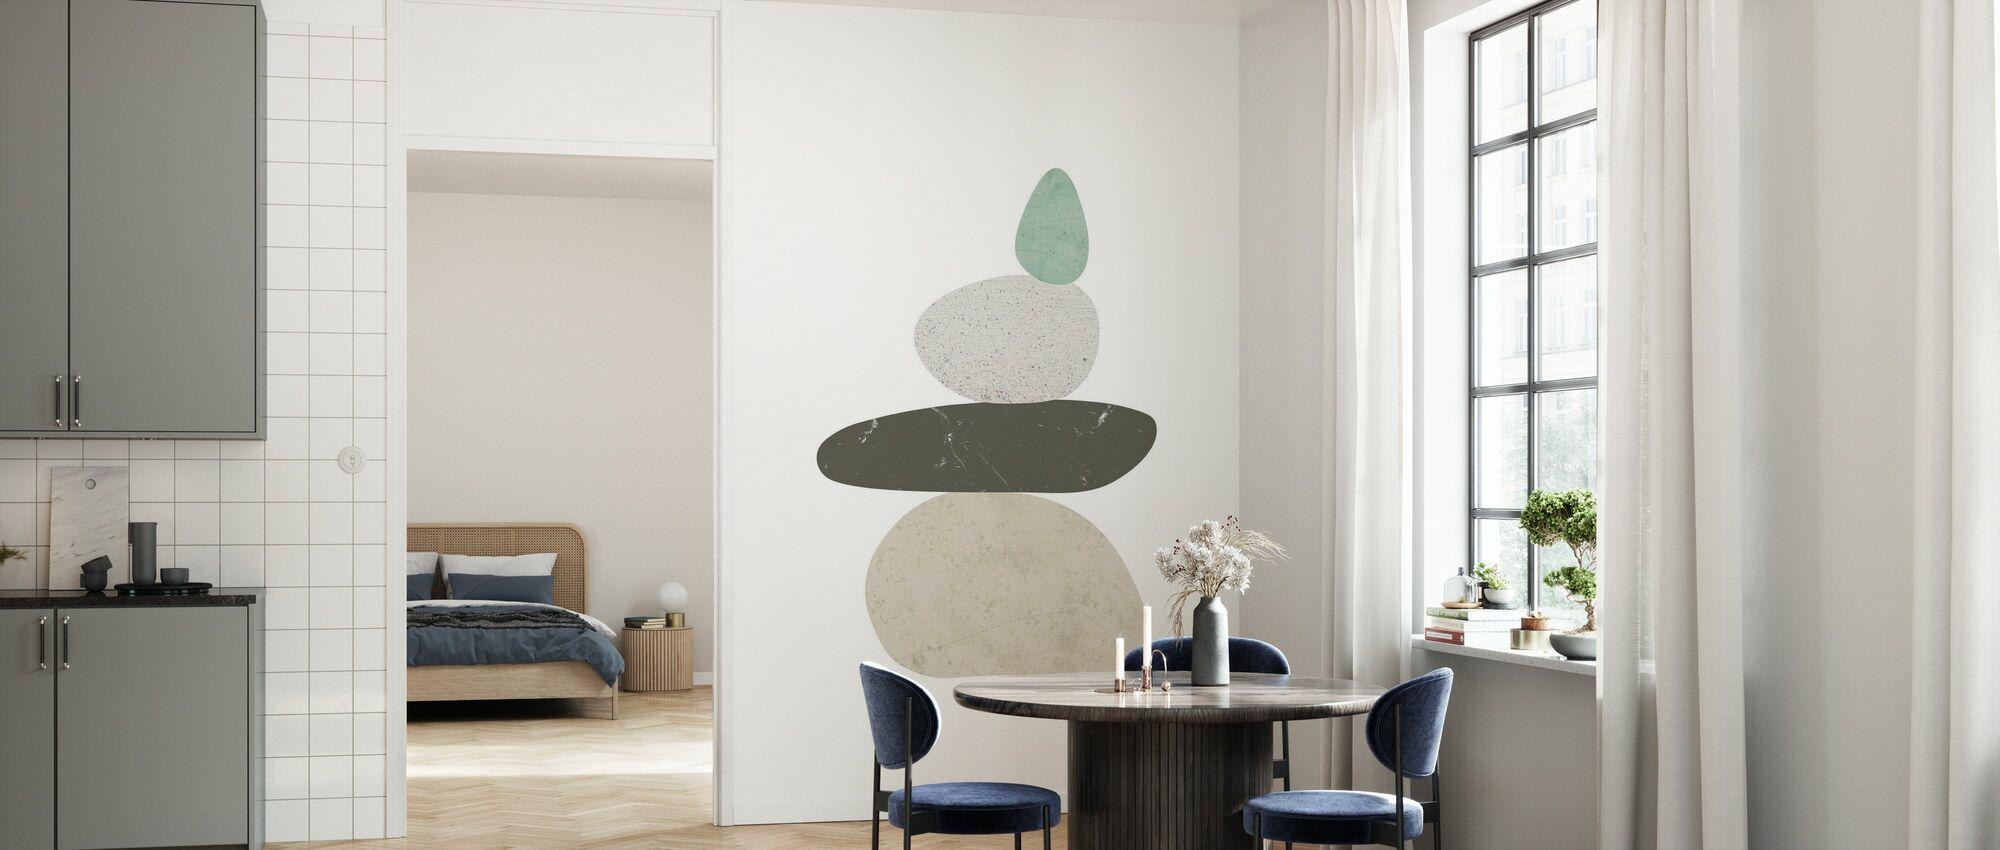 Pebbles III - Wallpaper - Kitchen